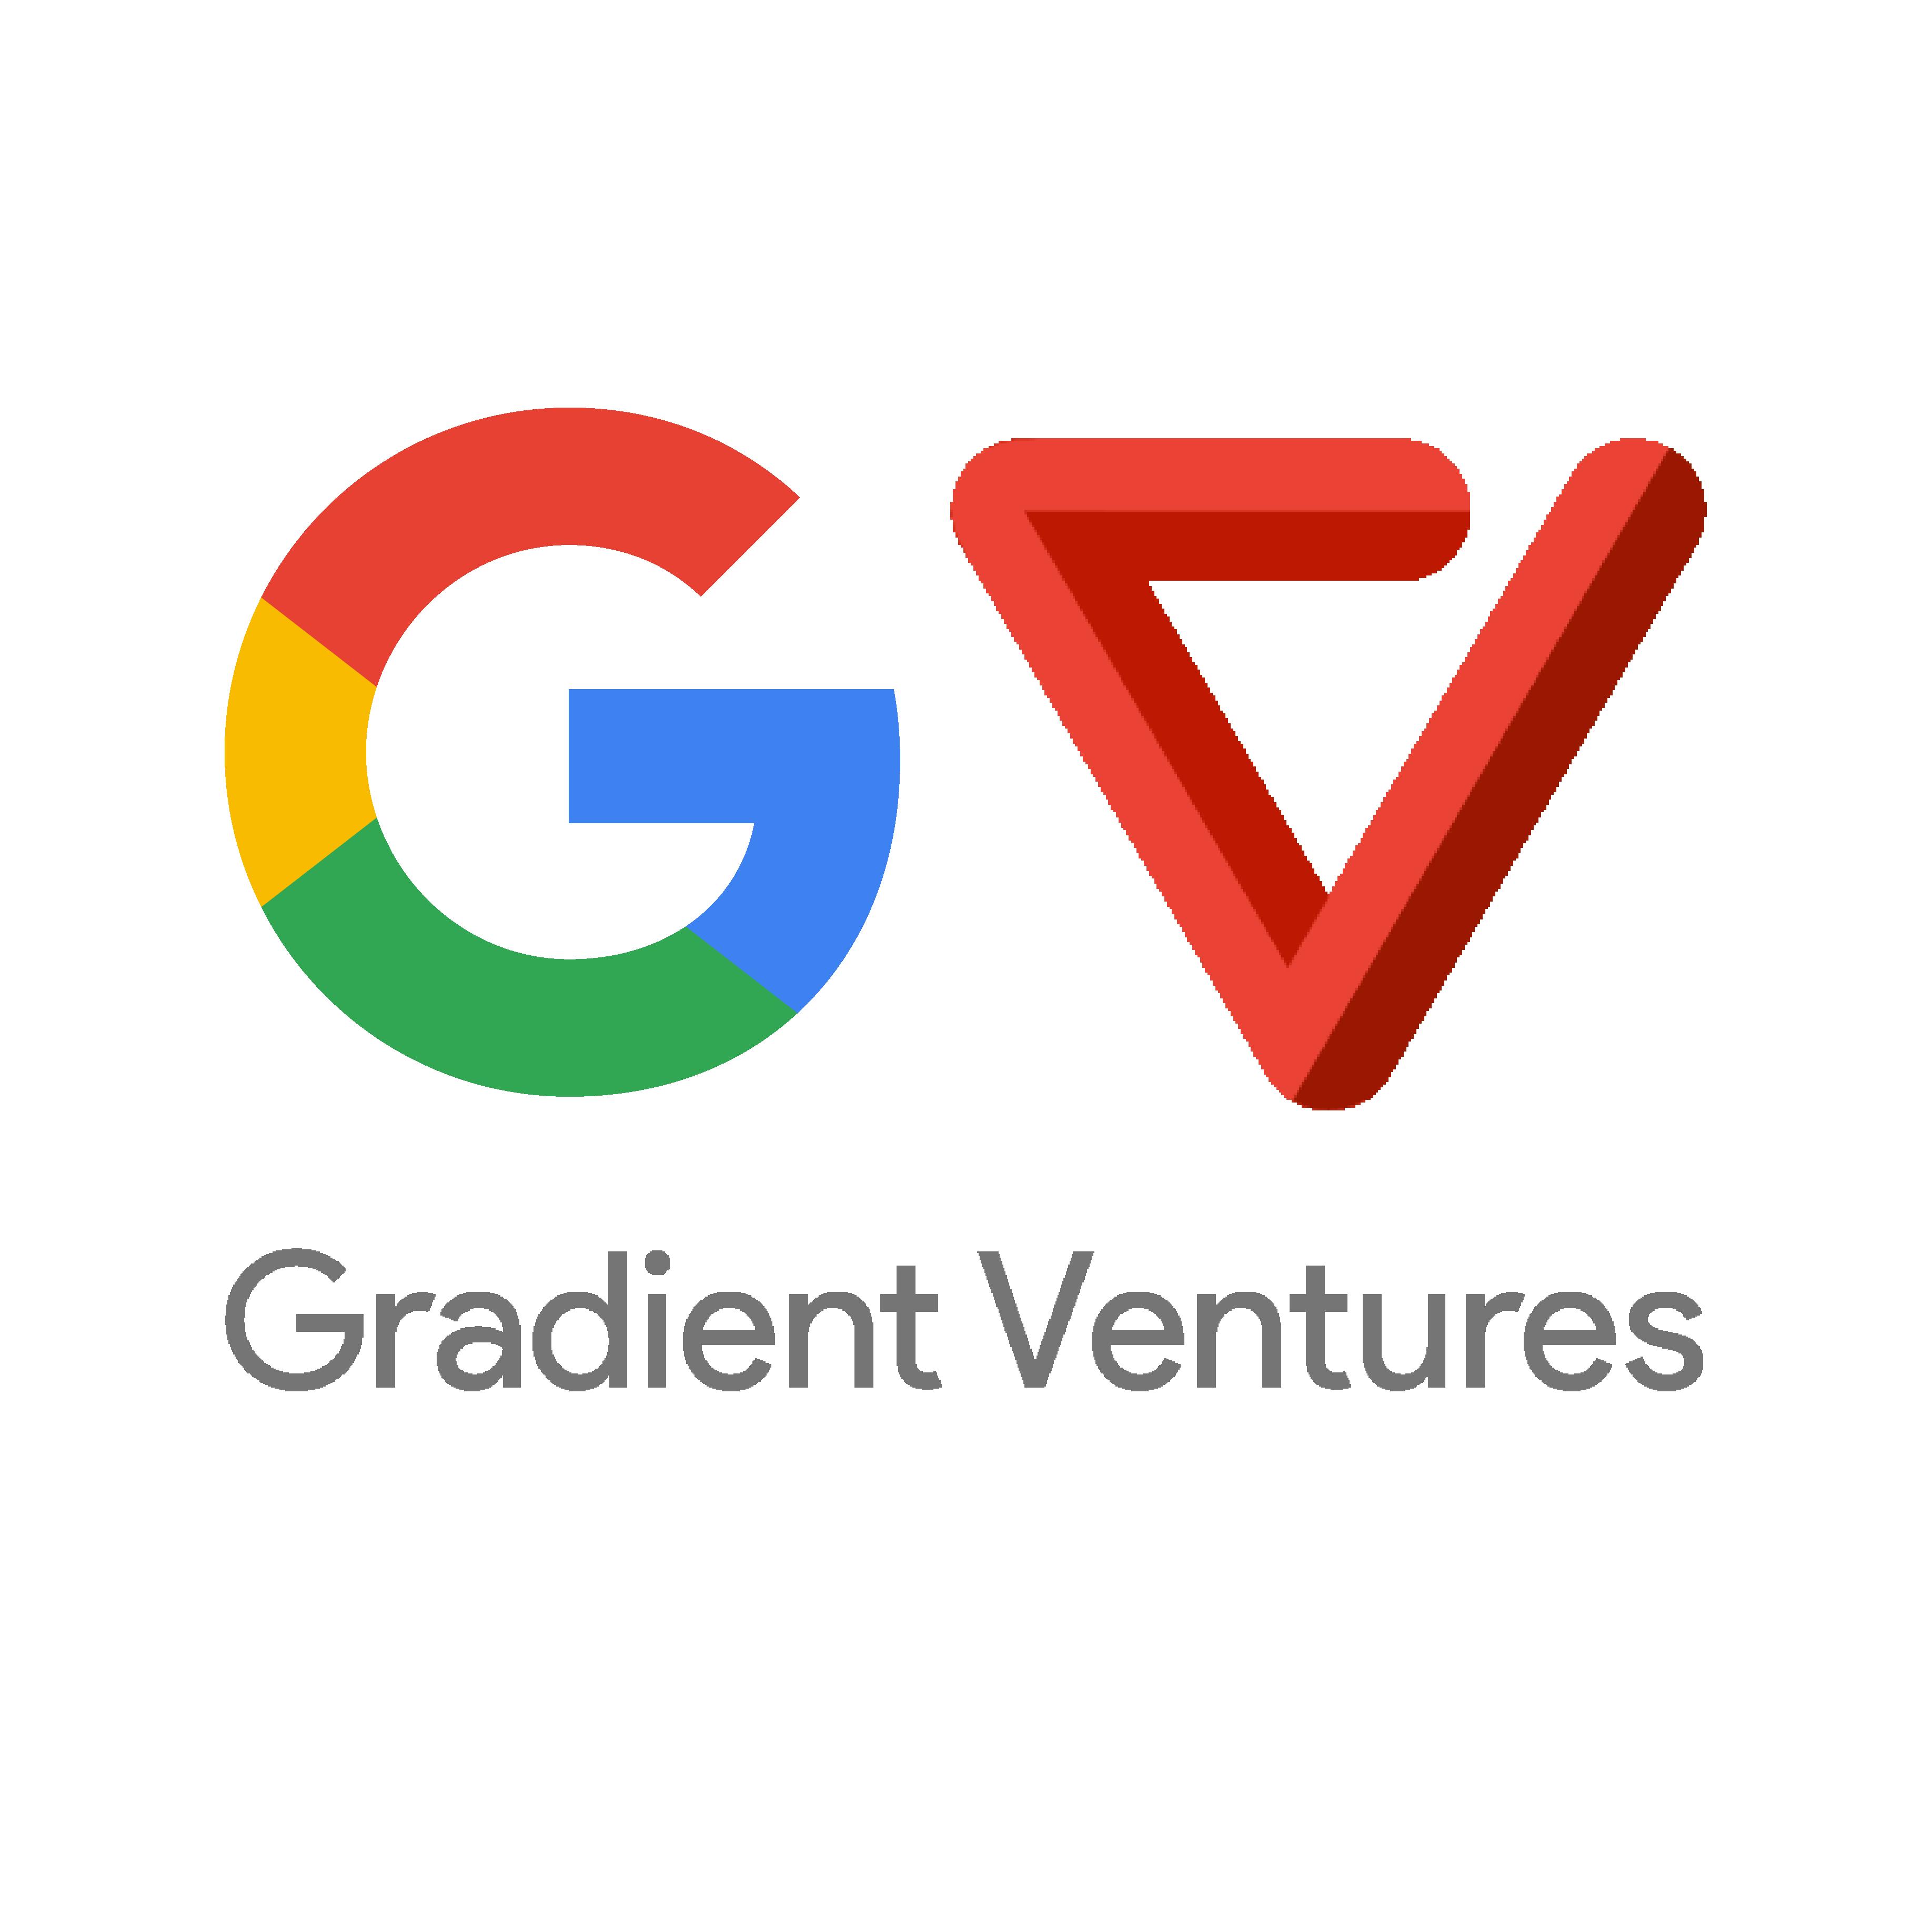 Gradient Ventures